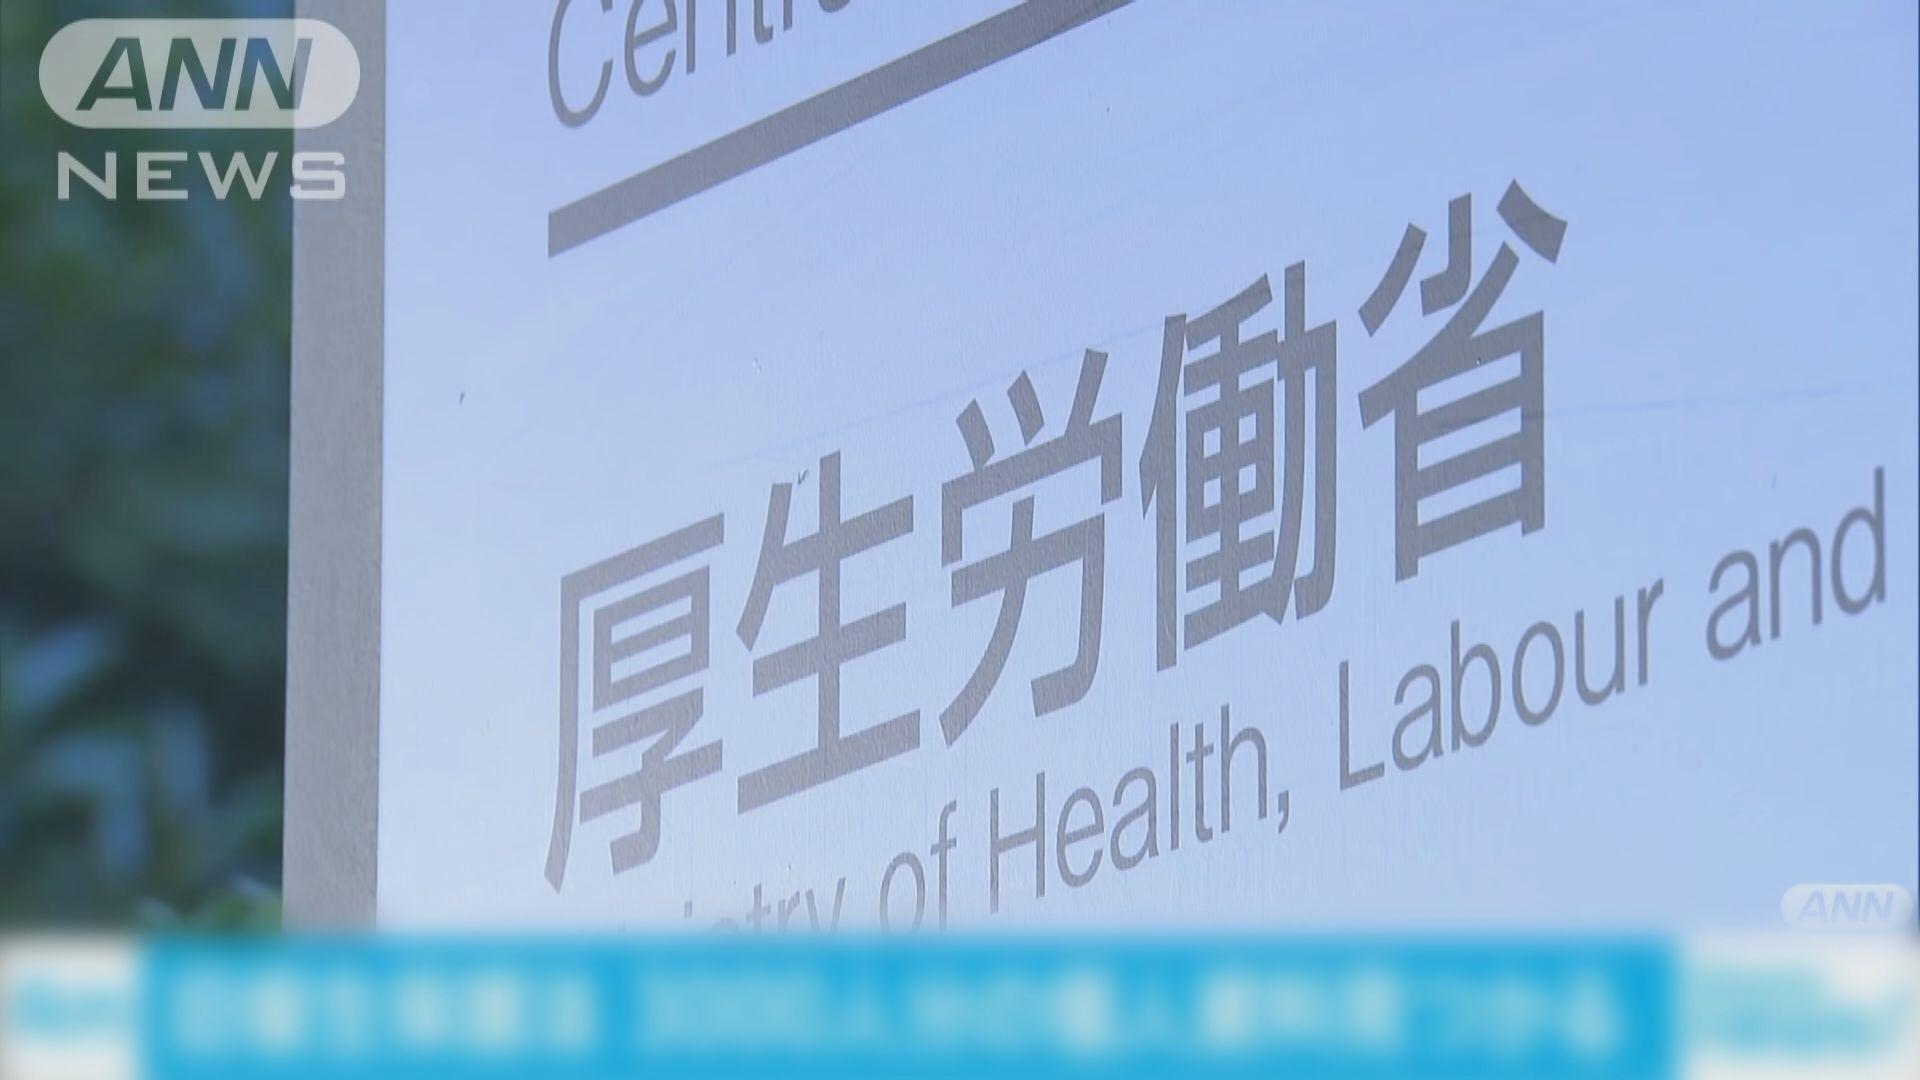 日本再有確診新型肺炎個案 累計4宗